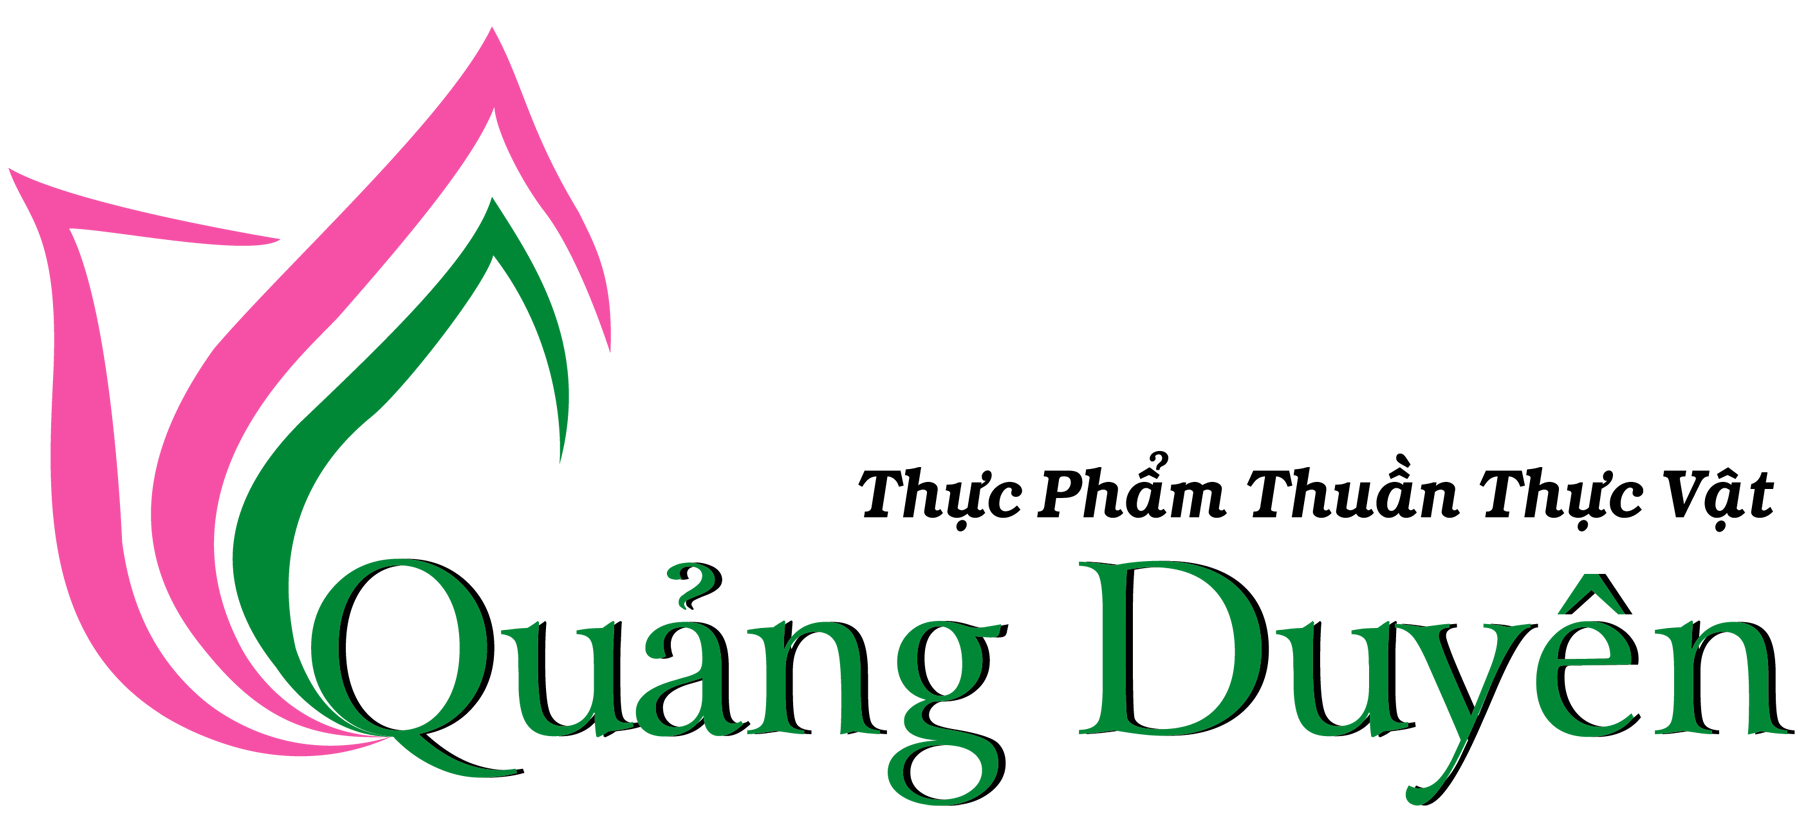 Quang Duyên